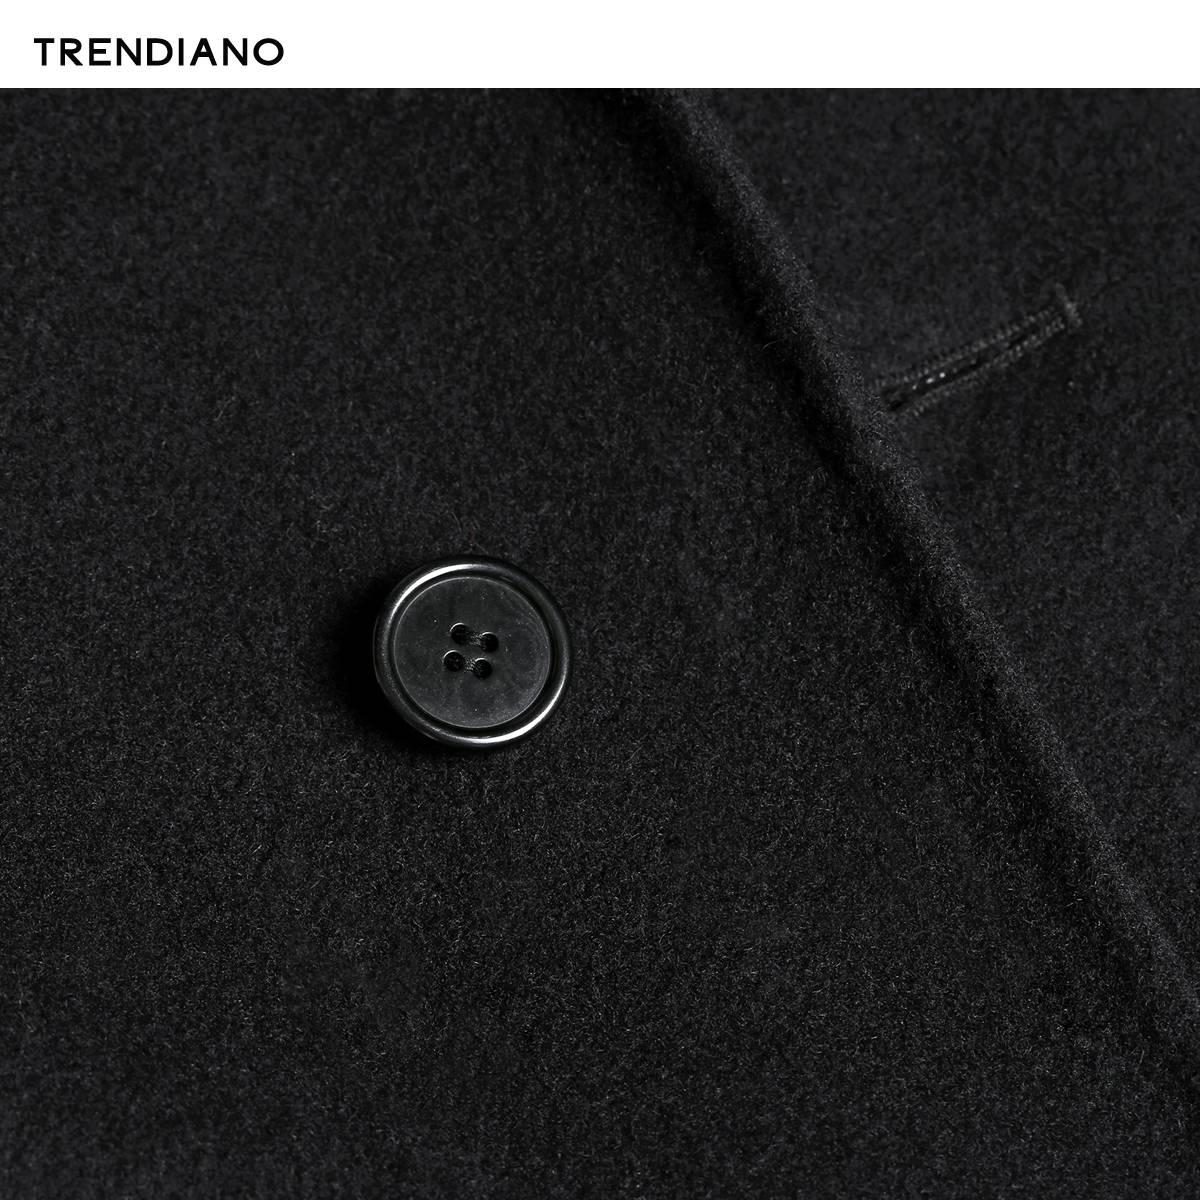 Пальто мужское Trendiano 3hc4341250